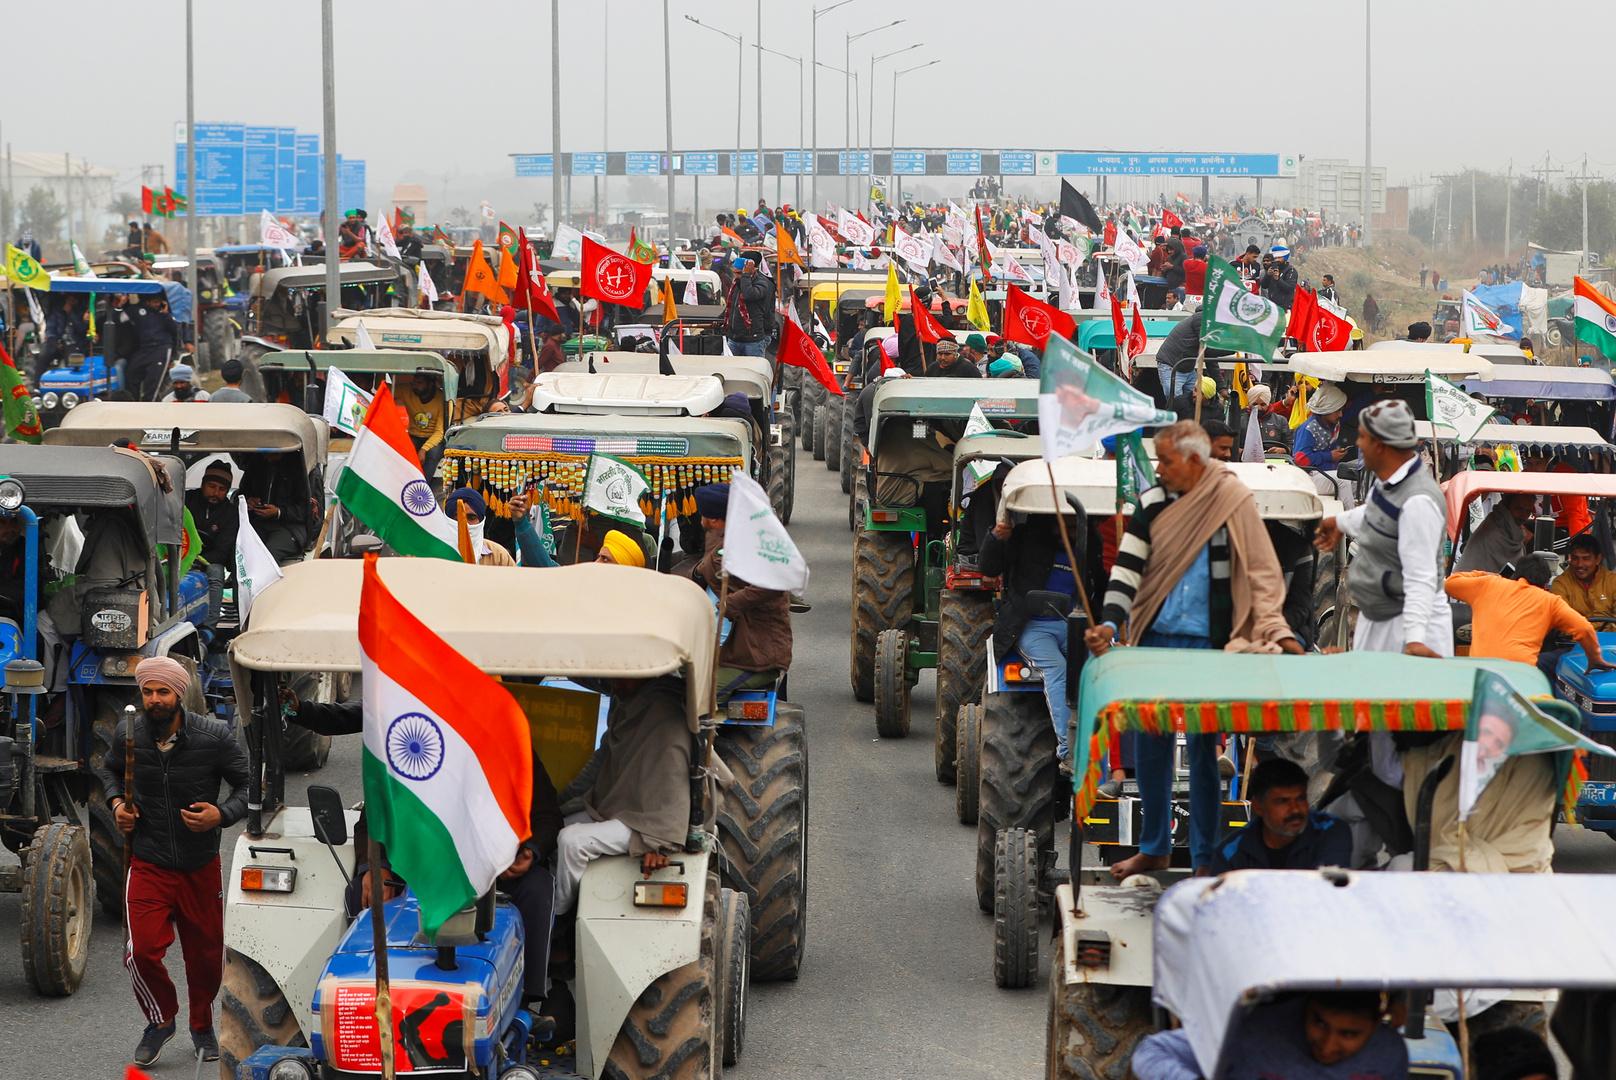 الشرطة الهندية تحفر الخنادق وتنشر الأسلاك الشائكة حول العاصمة